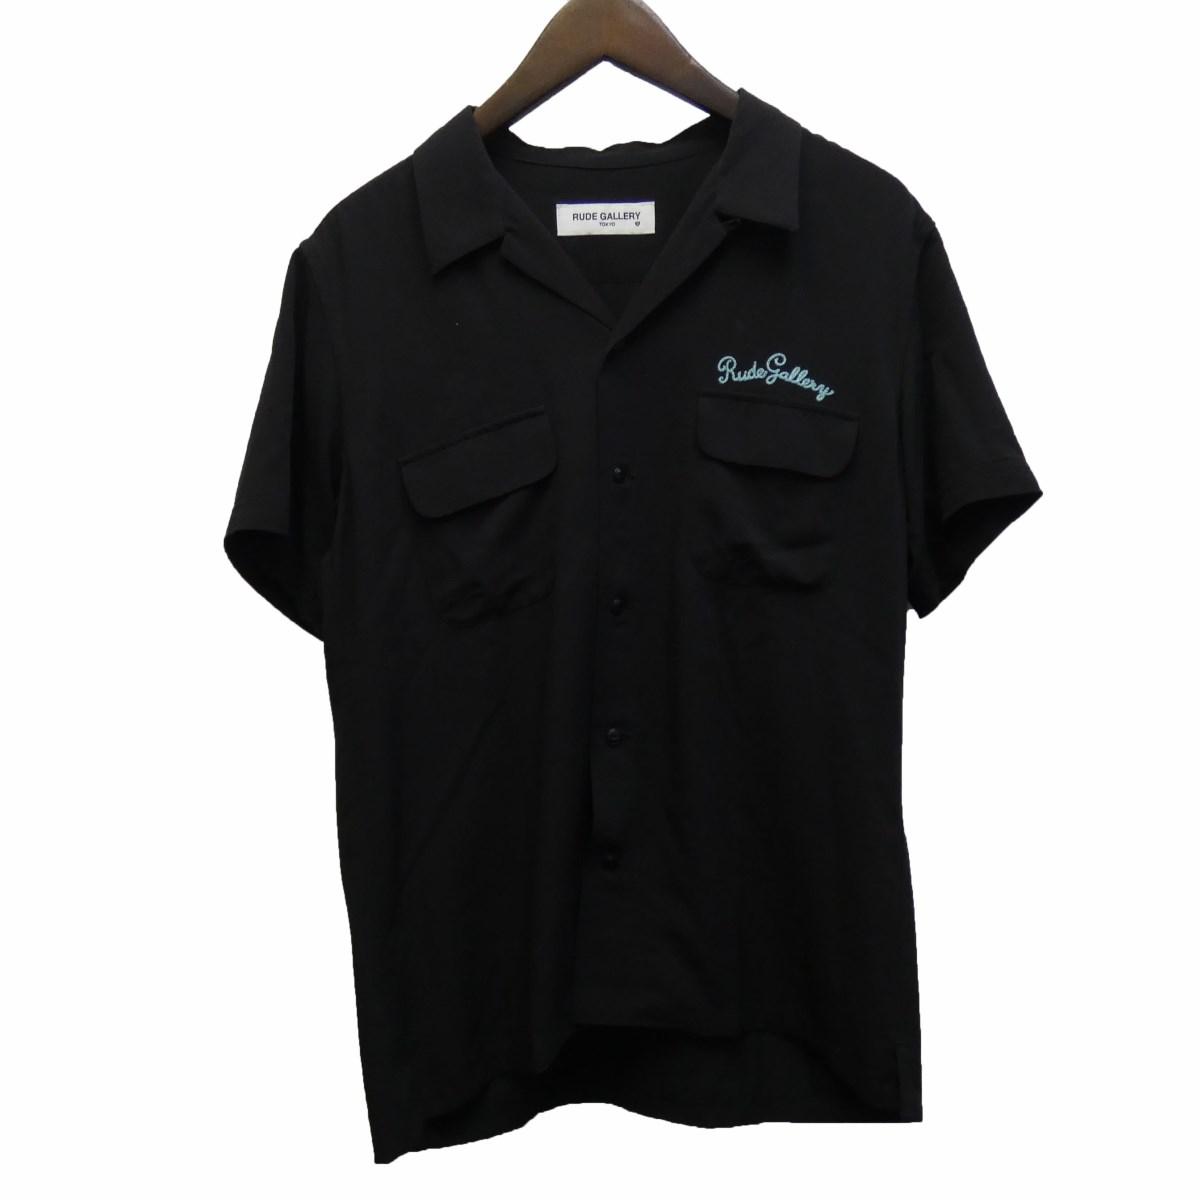 【中古】RUDE GALLERY 18SS「WFLAP OPEN COLLAR SHIRT」オープンカラー半袖シャツ ブラック サイズ:3 【250420】(ルードギャラリー)